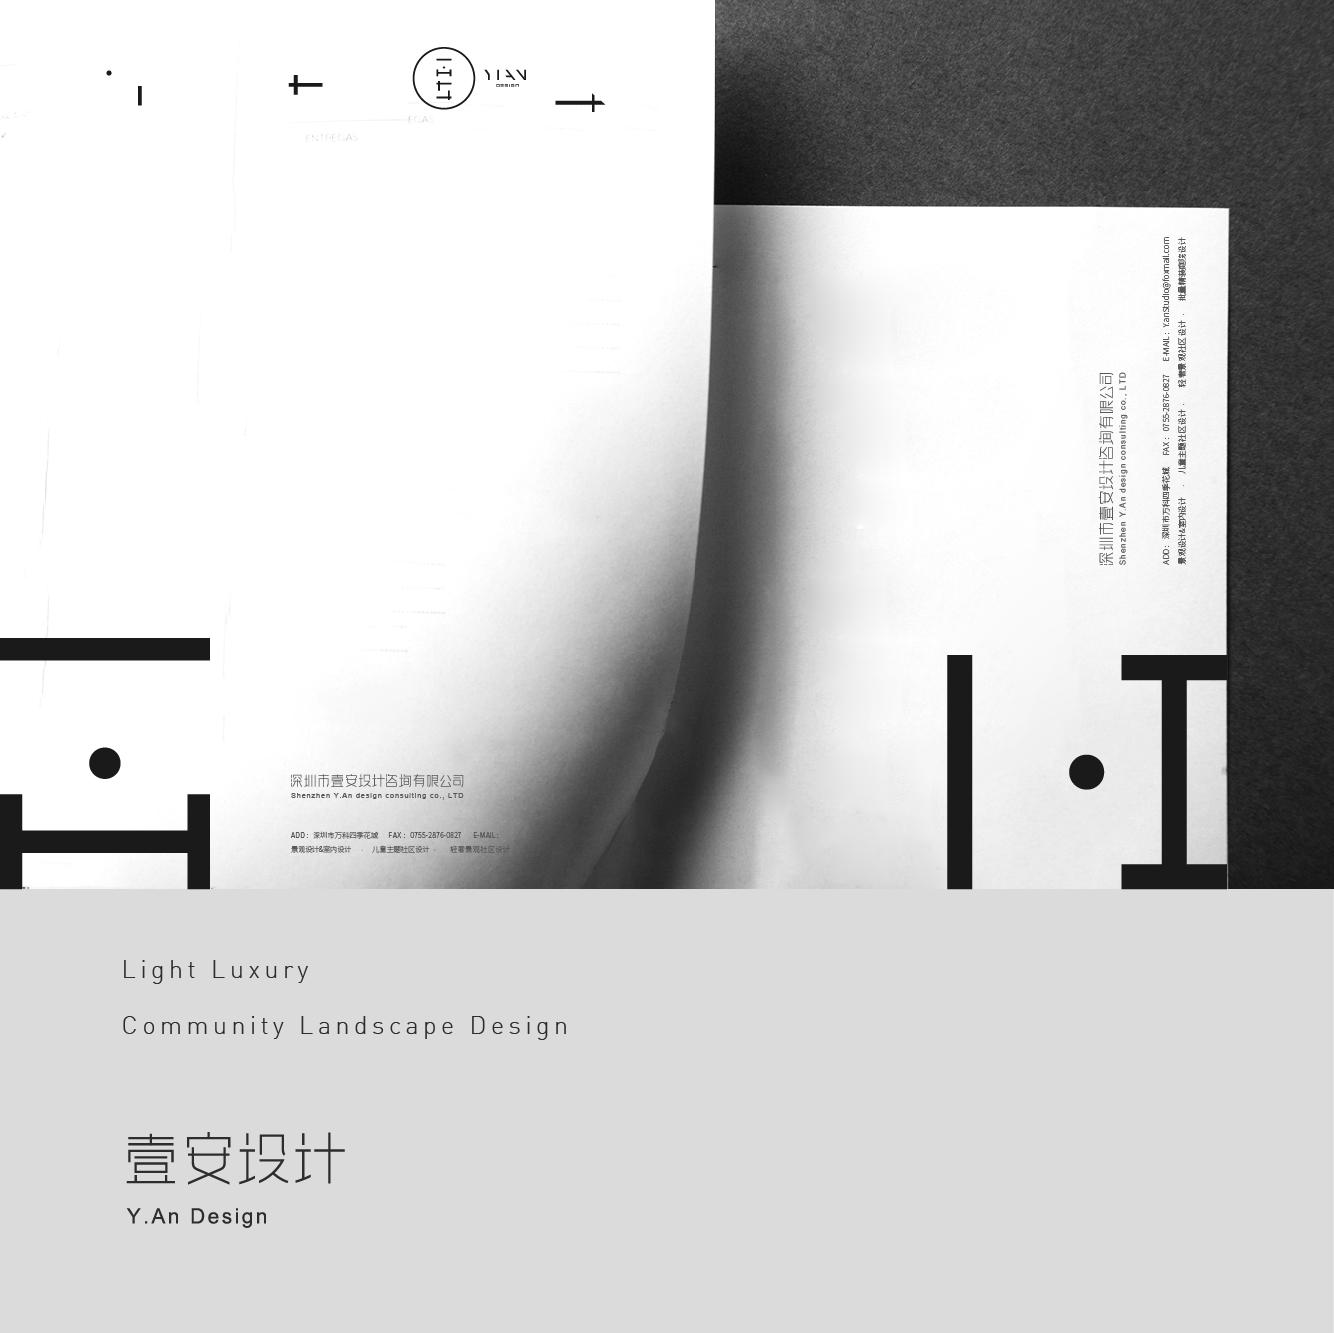 深圳壹安设计咨询品牌视觉形象设计